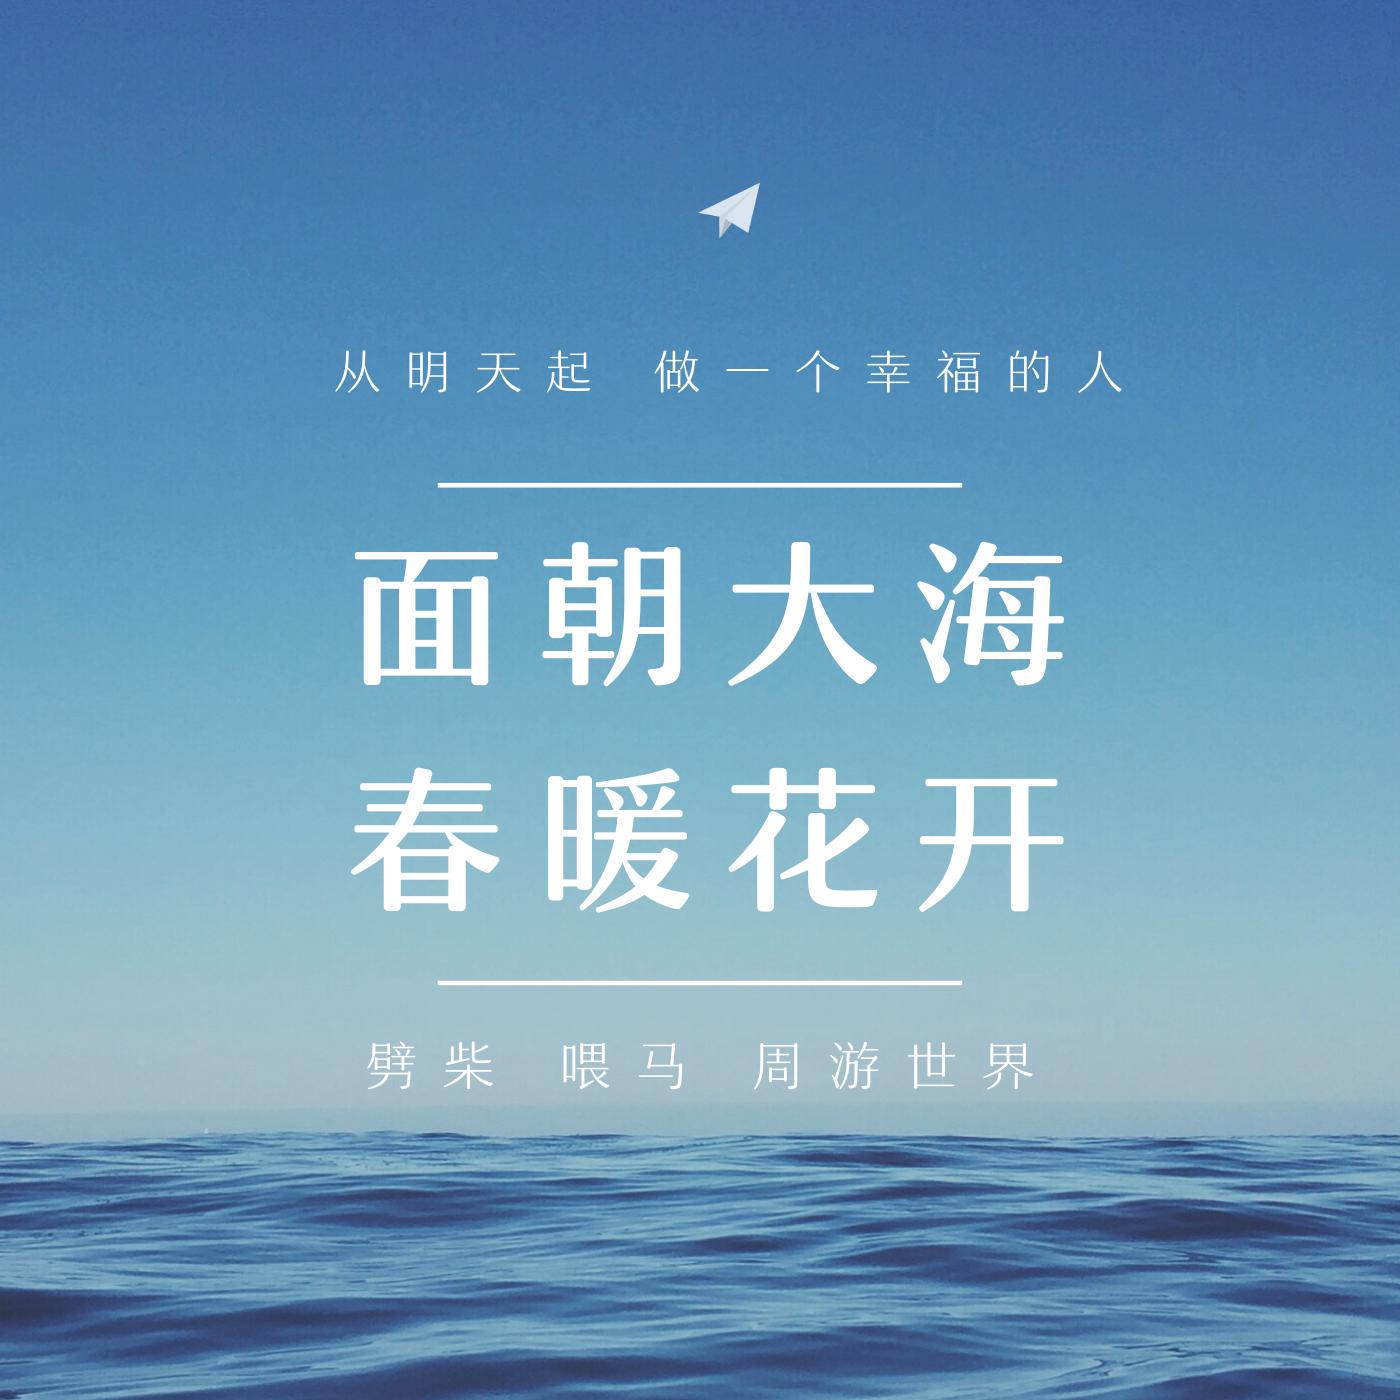 海子精品诗集诵读